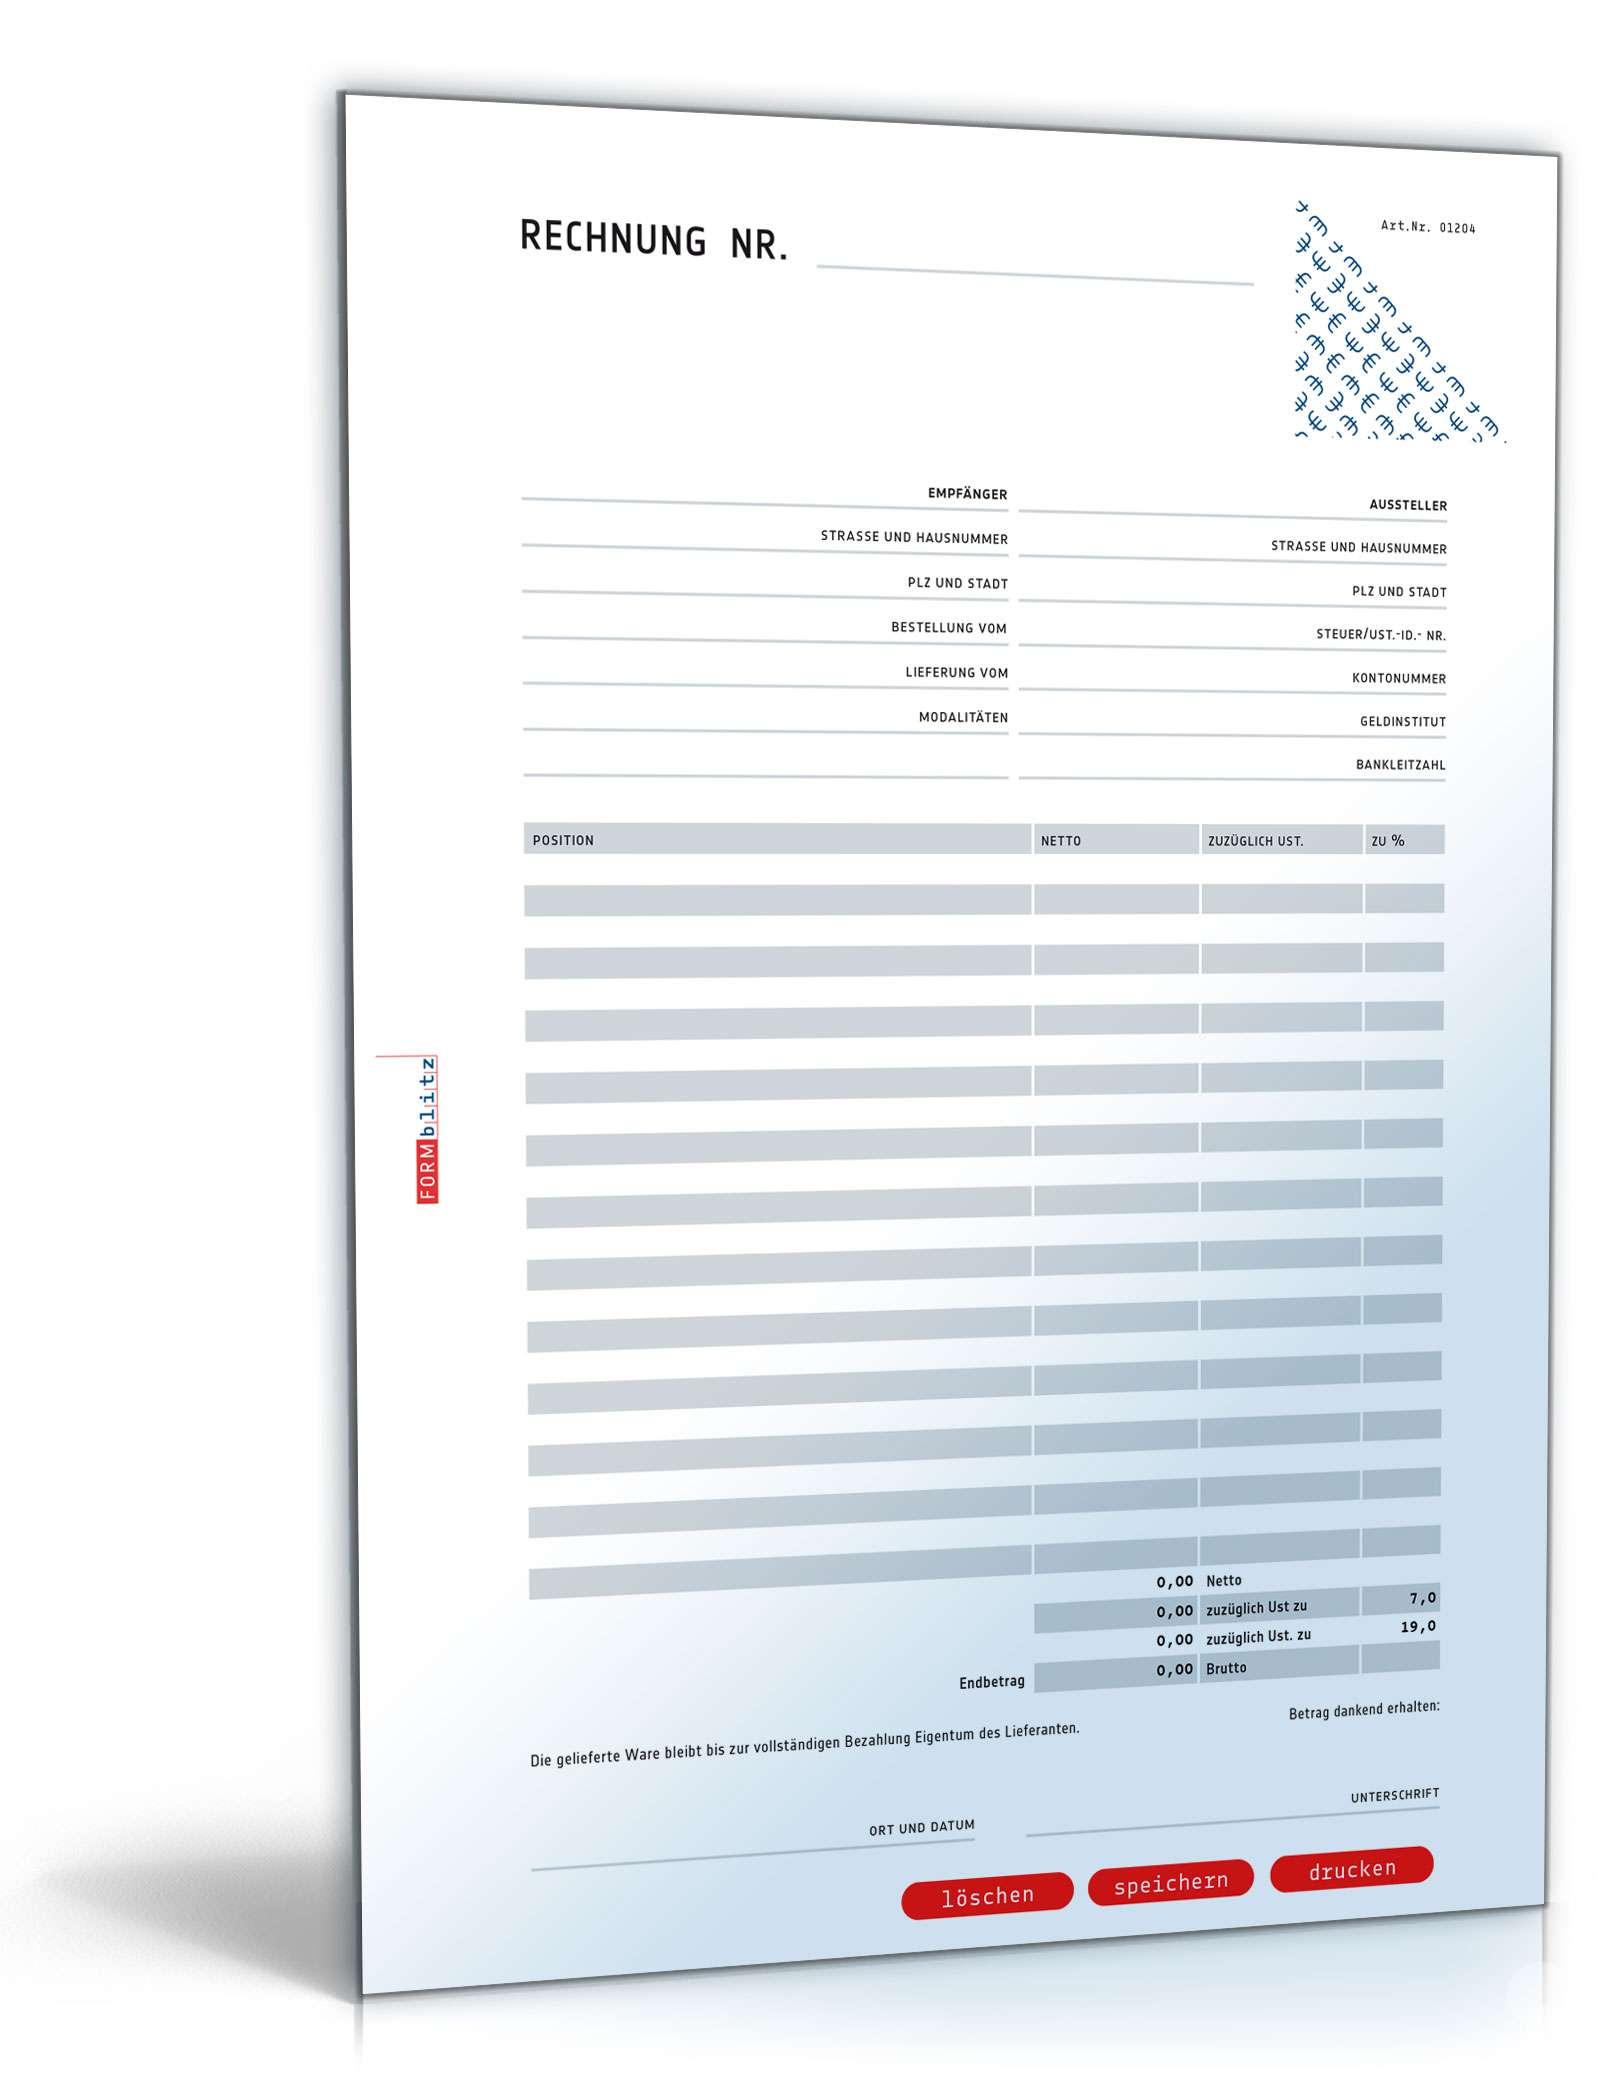 rechnung netto umsatzsteuer variabel muster vorlage zum download. Black Bedroom Furniture Sets. Home Design Ideas